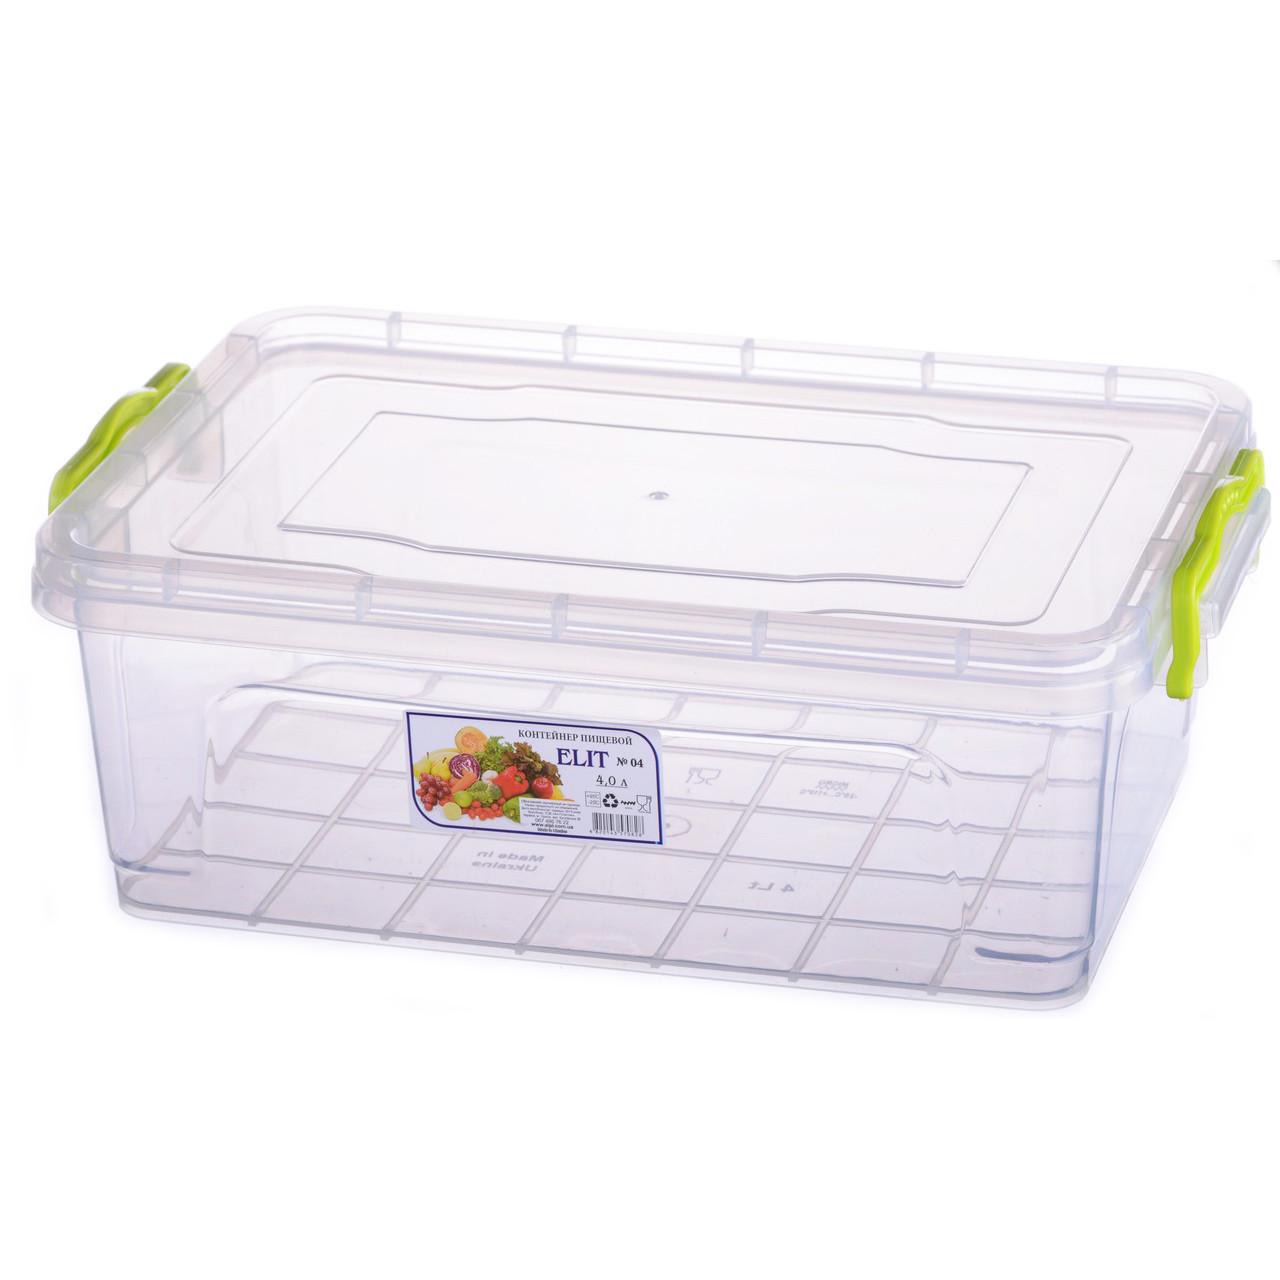 Контейнер для еды Ал-пластик  ELIT №4 объём 4 л с ручками